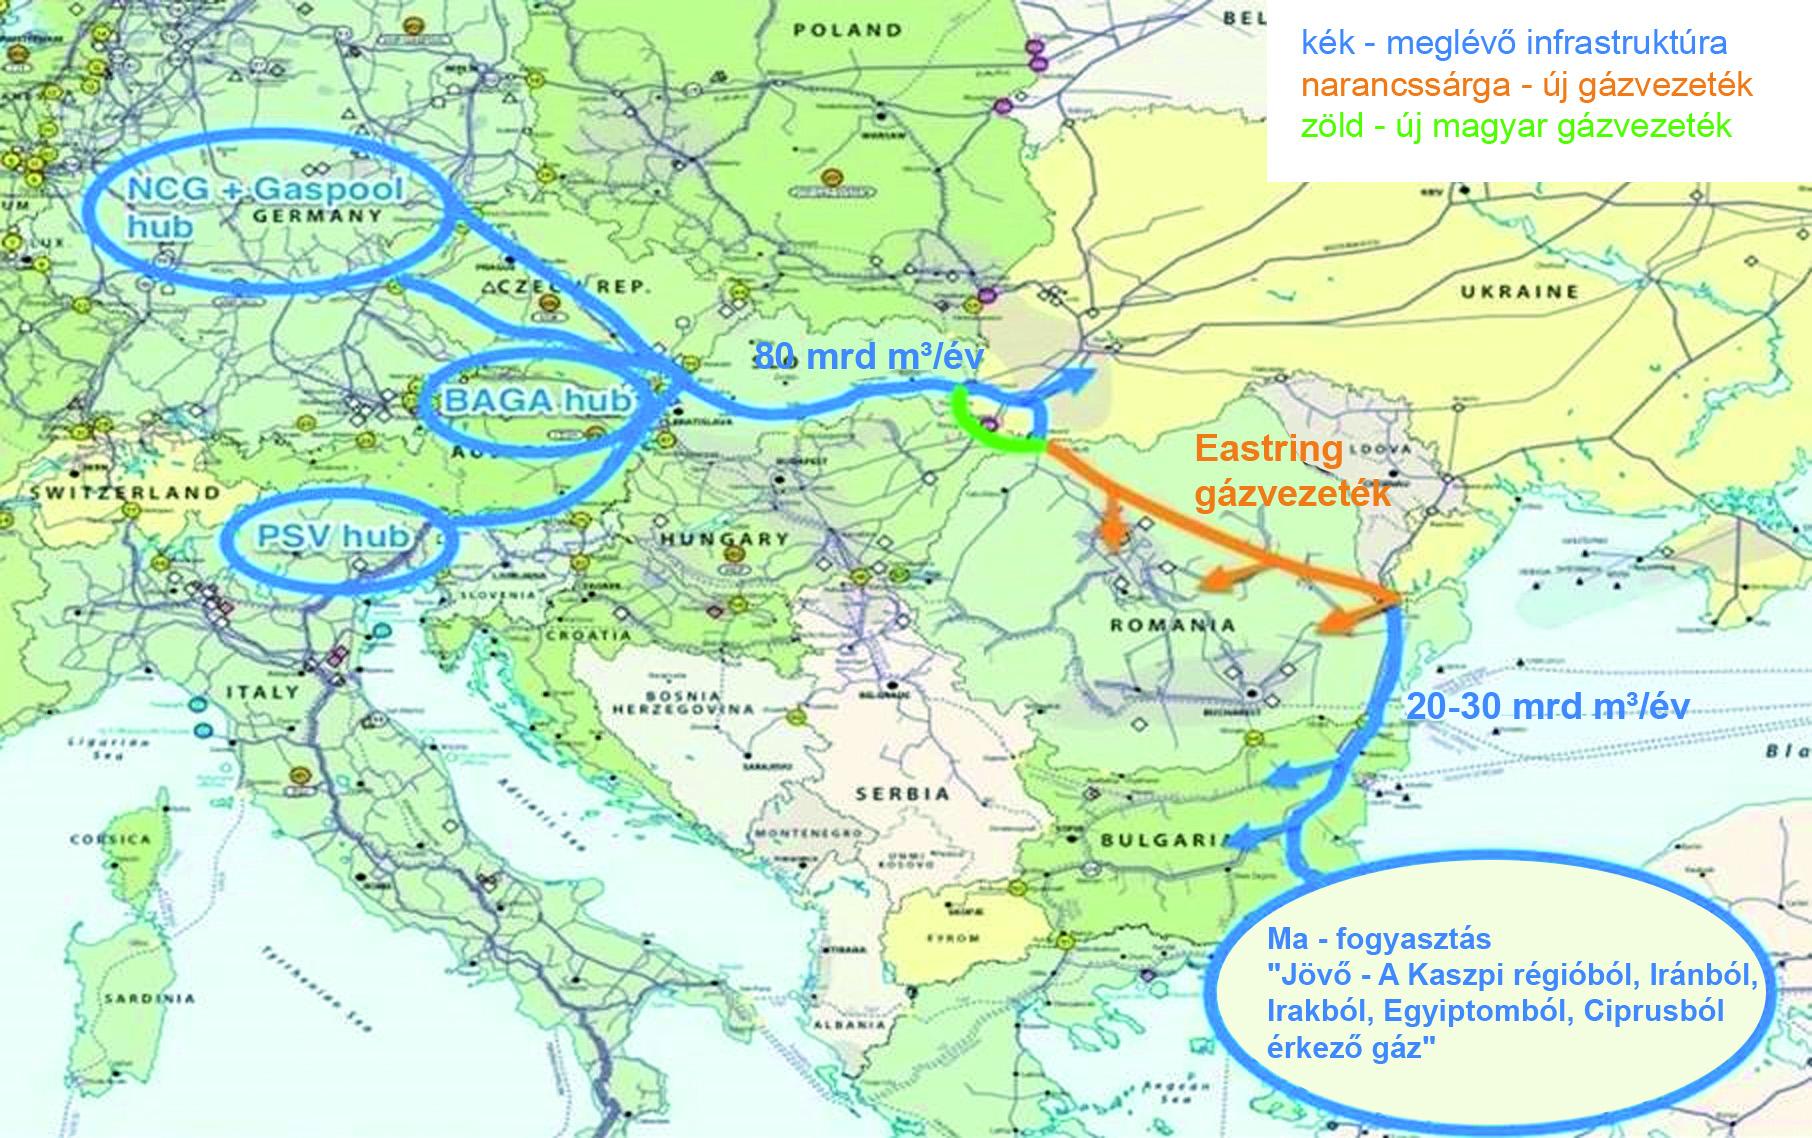 Напис угорі: синій колір - діюча інфраструктура, помаранчевий - новий газогін, зелений - новий угорський газогін. Напис внизу: потенційні маршрути з Каспію, Ірану, Іраку, Єгипту, Кіпру